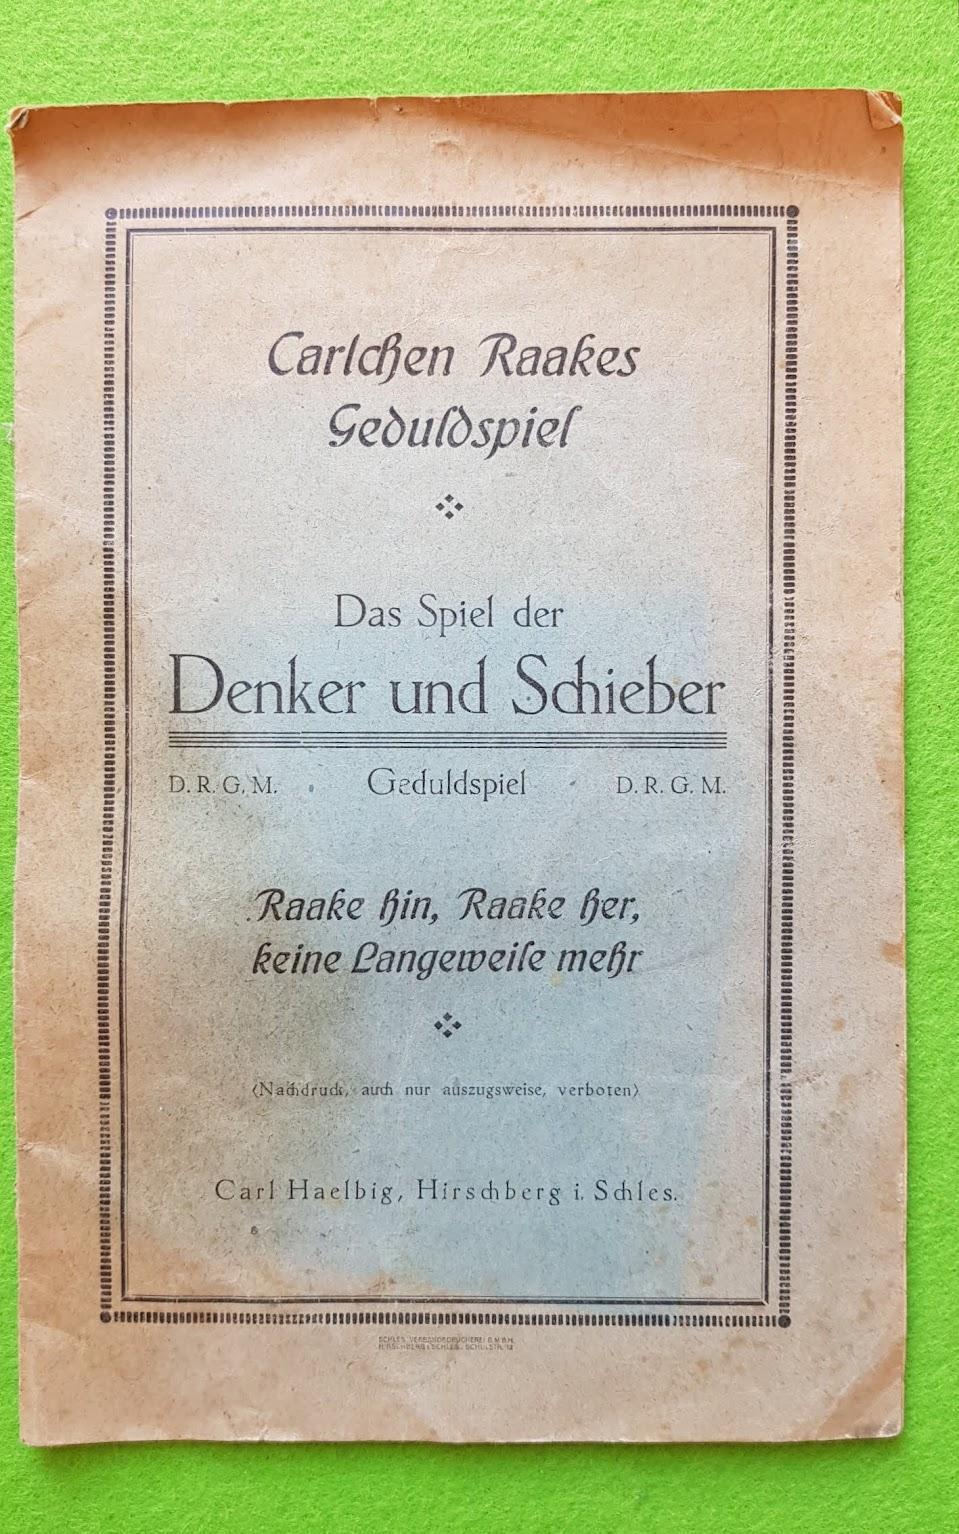 Carlchen Raakes Geduldsspiel - Das Spiel der Denker und Schieber - Aufgabenheft